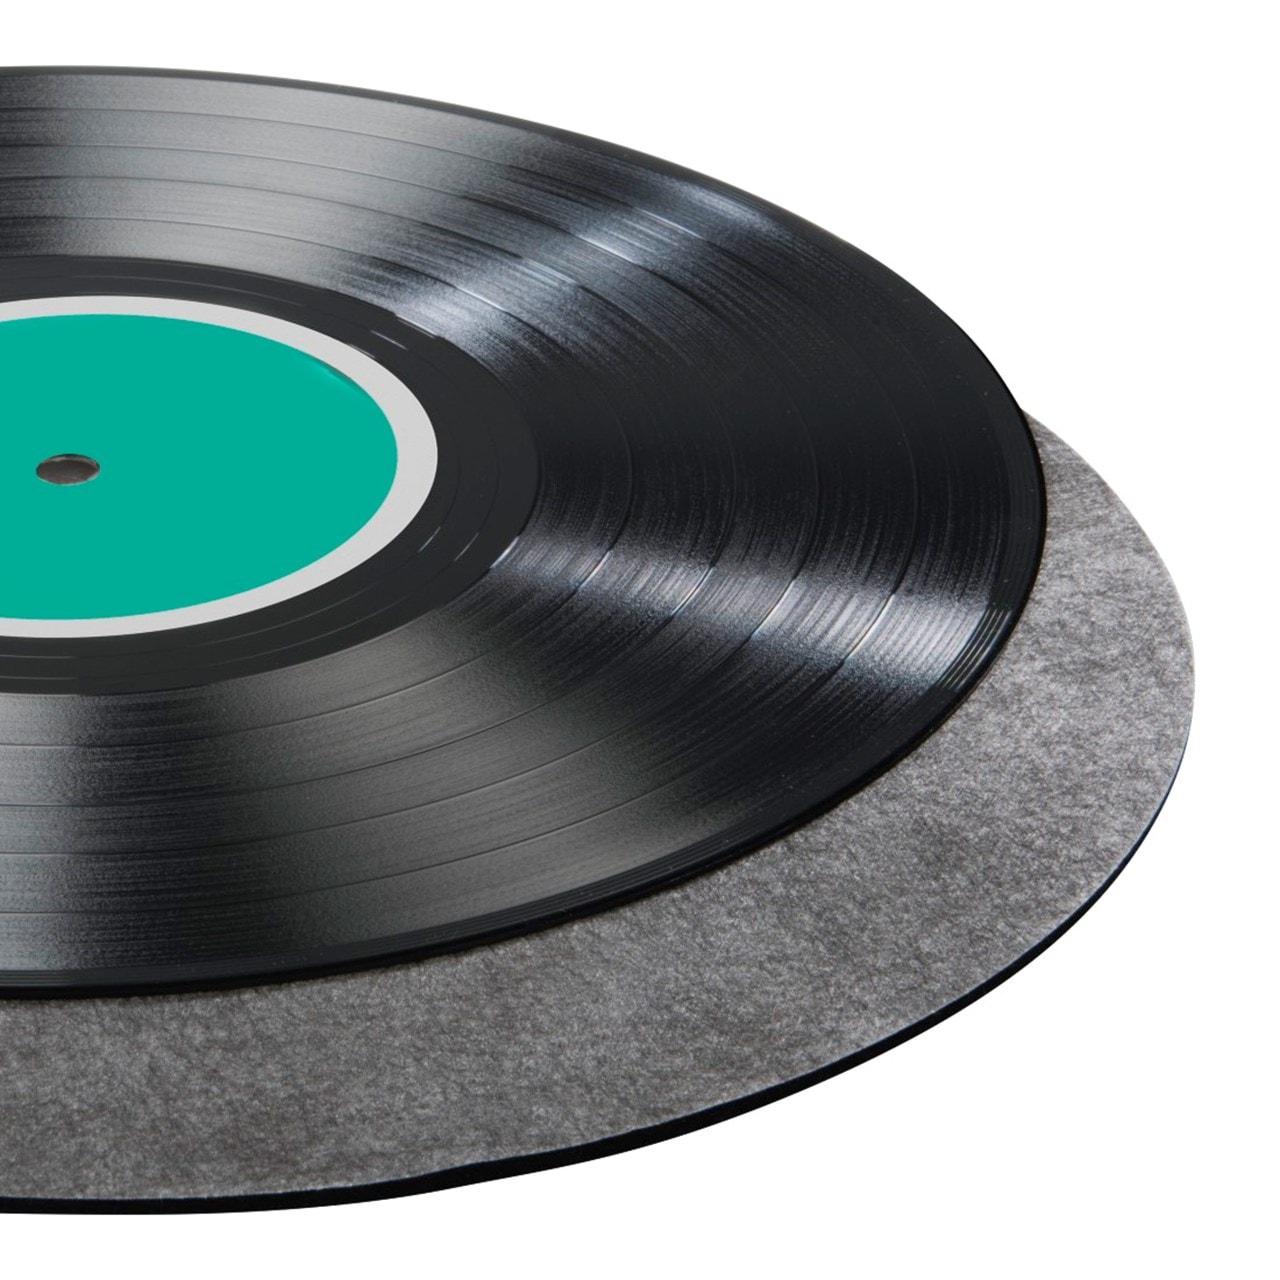 Hama Carbon Fibre Record Mat (new) - 3